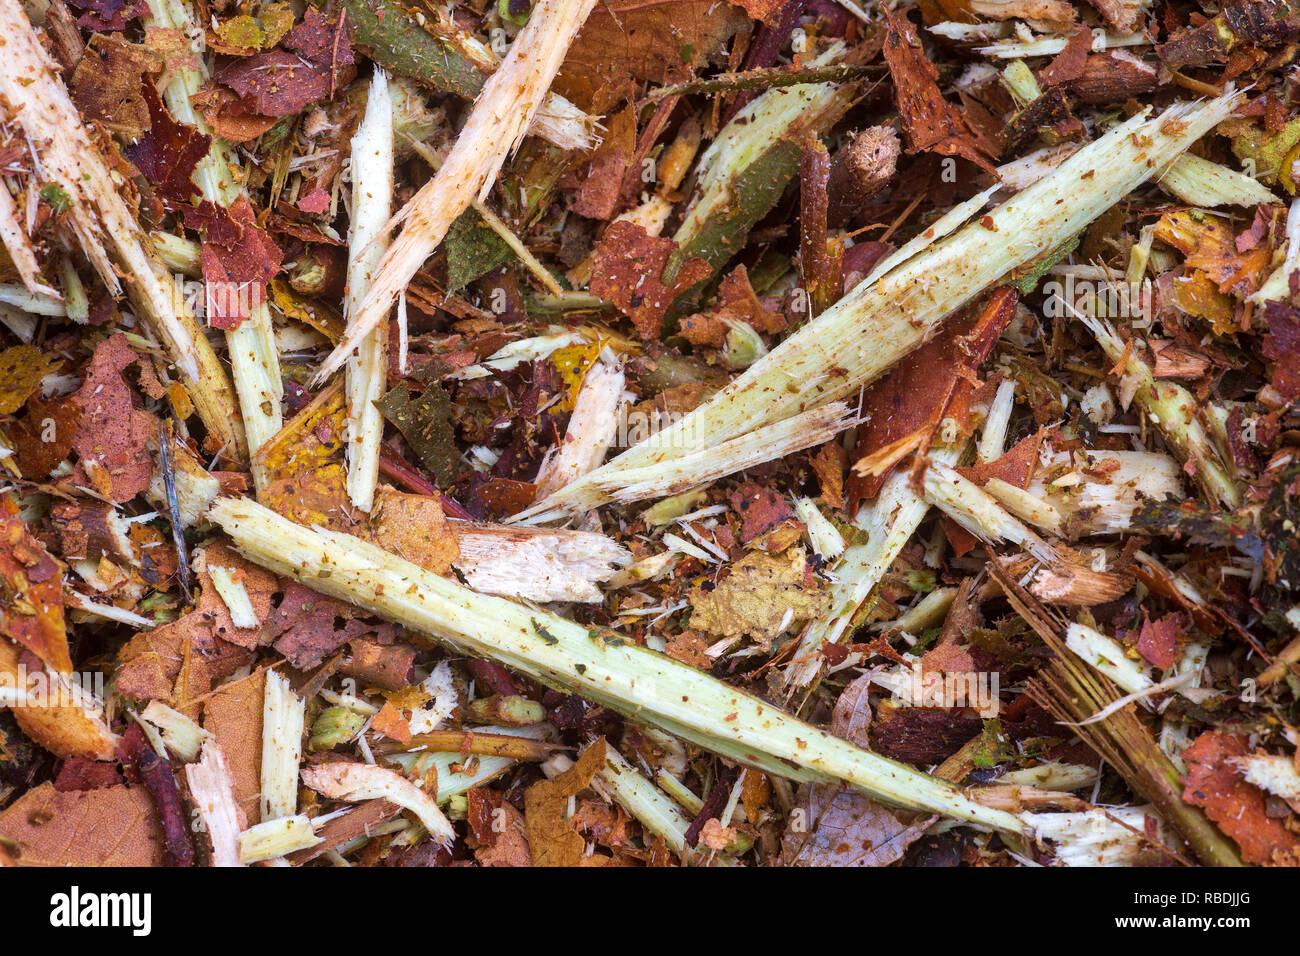 Ein Bild von einem ramial Holzspäne (RCW) Heap. Als Mulch verwendet, die Hackschnitzel dienen den Boden biologische Aktivität wieder in Kraft zu setzen. Stockbild